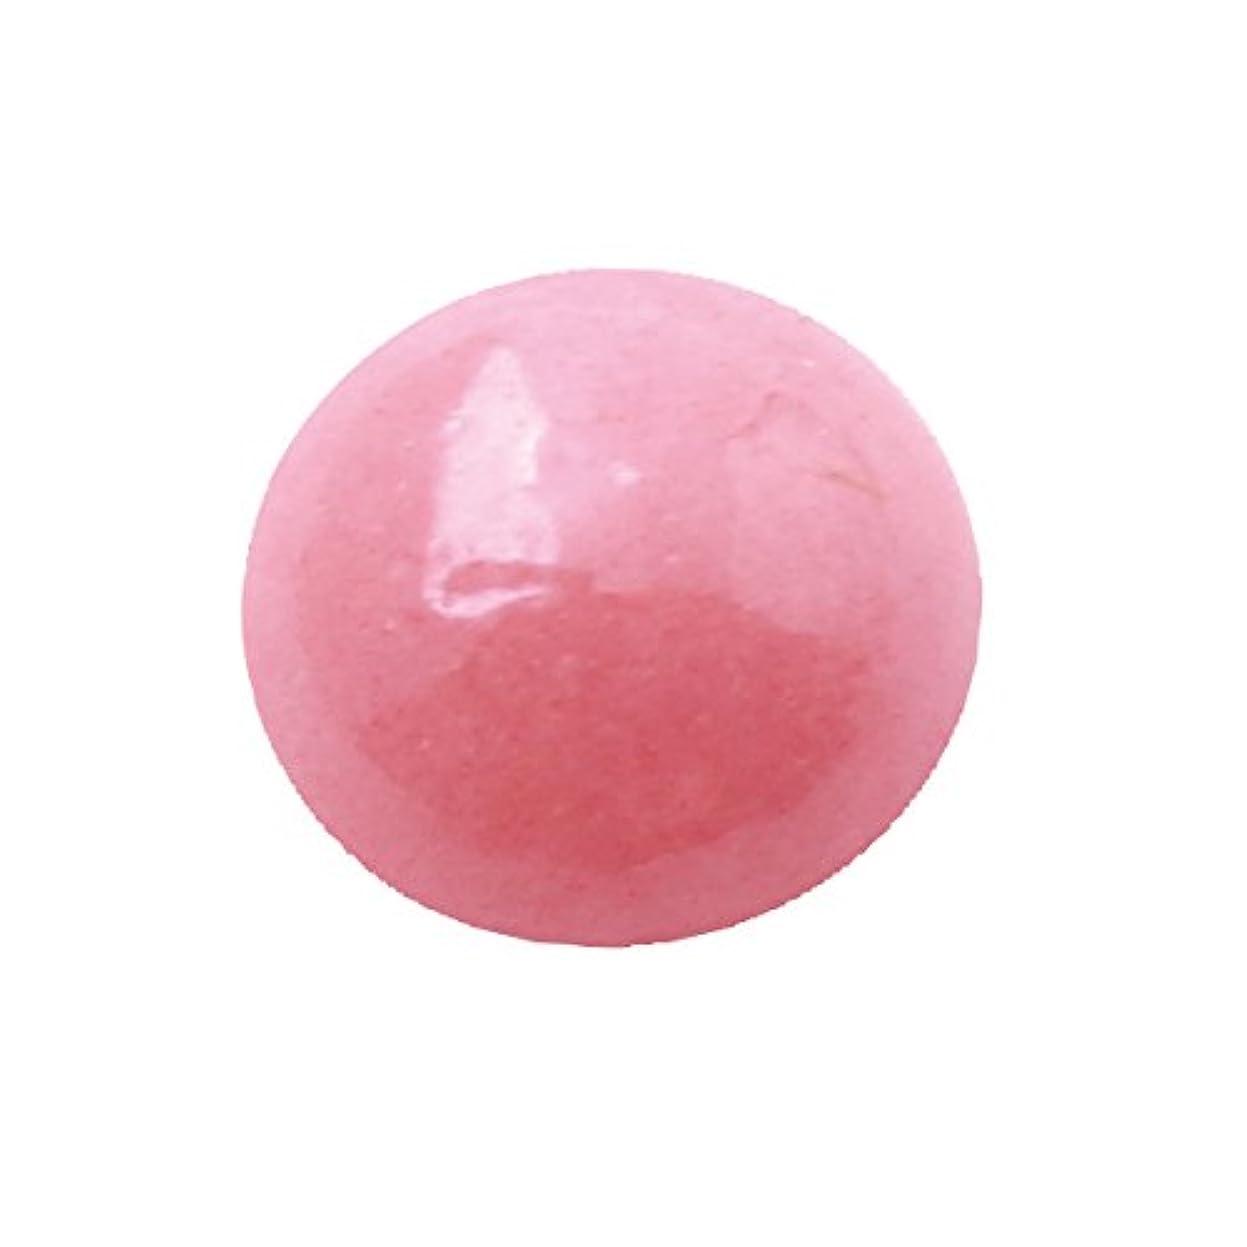 増強するるスイス人グラスパールラウンド 2mm(各50個)(ストーン ネイルアート ネイル用品)ピンク